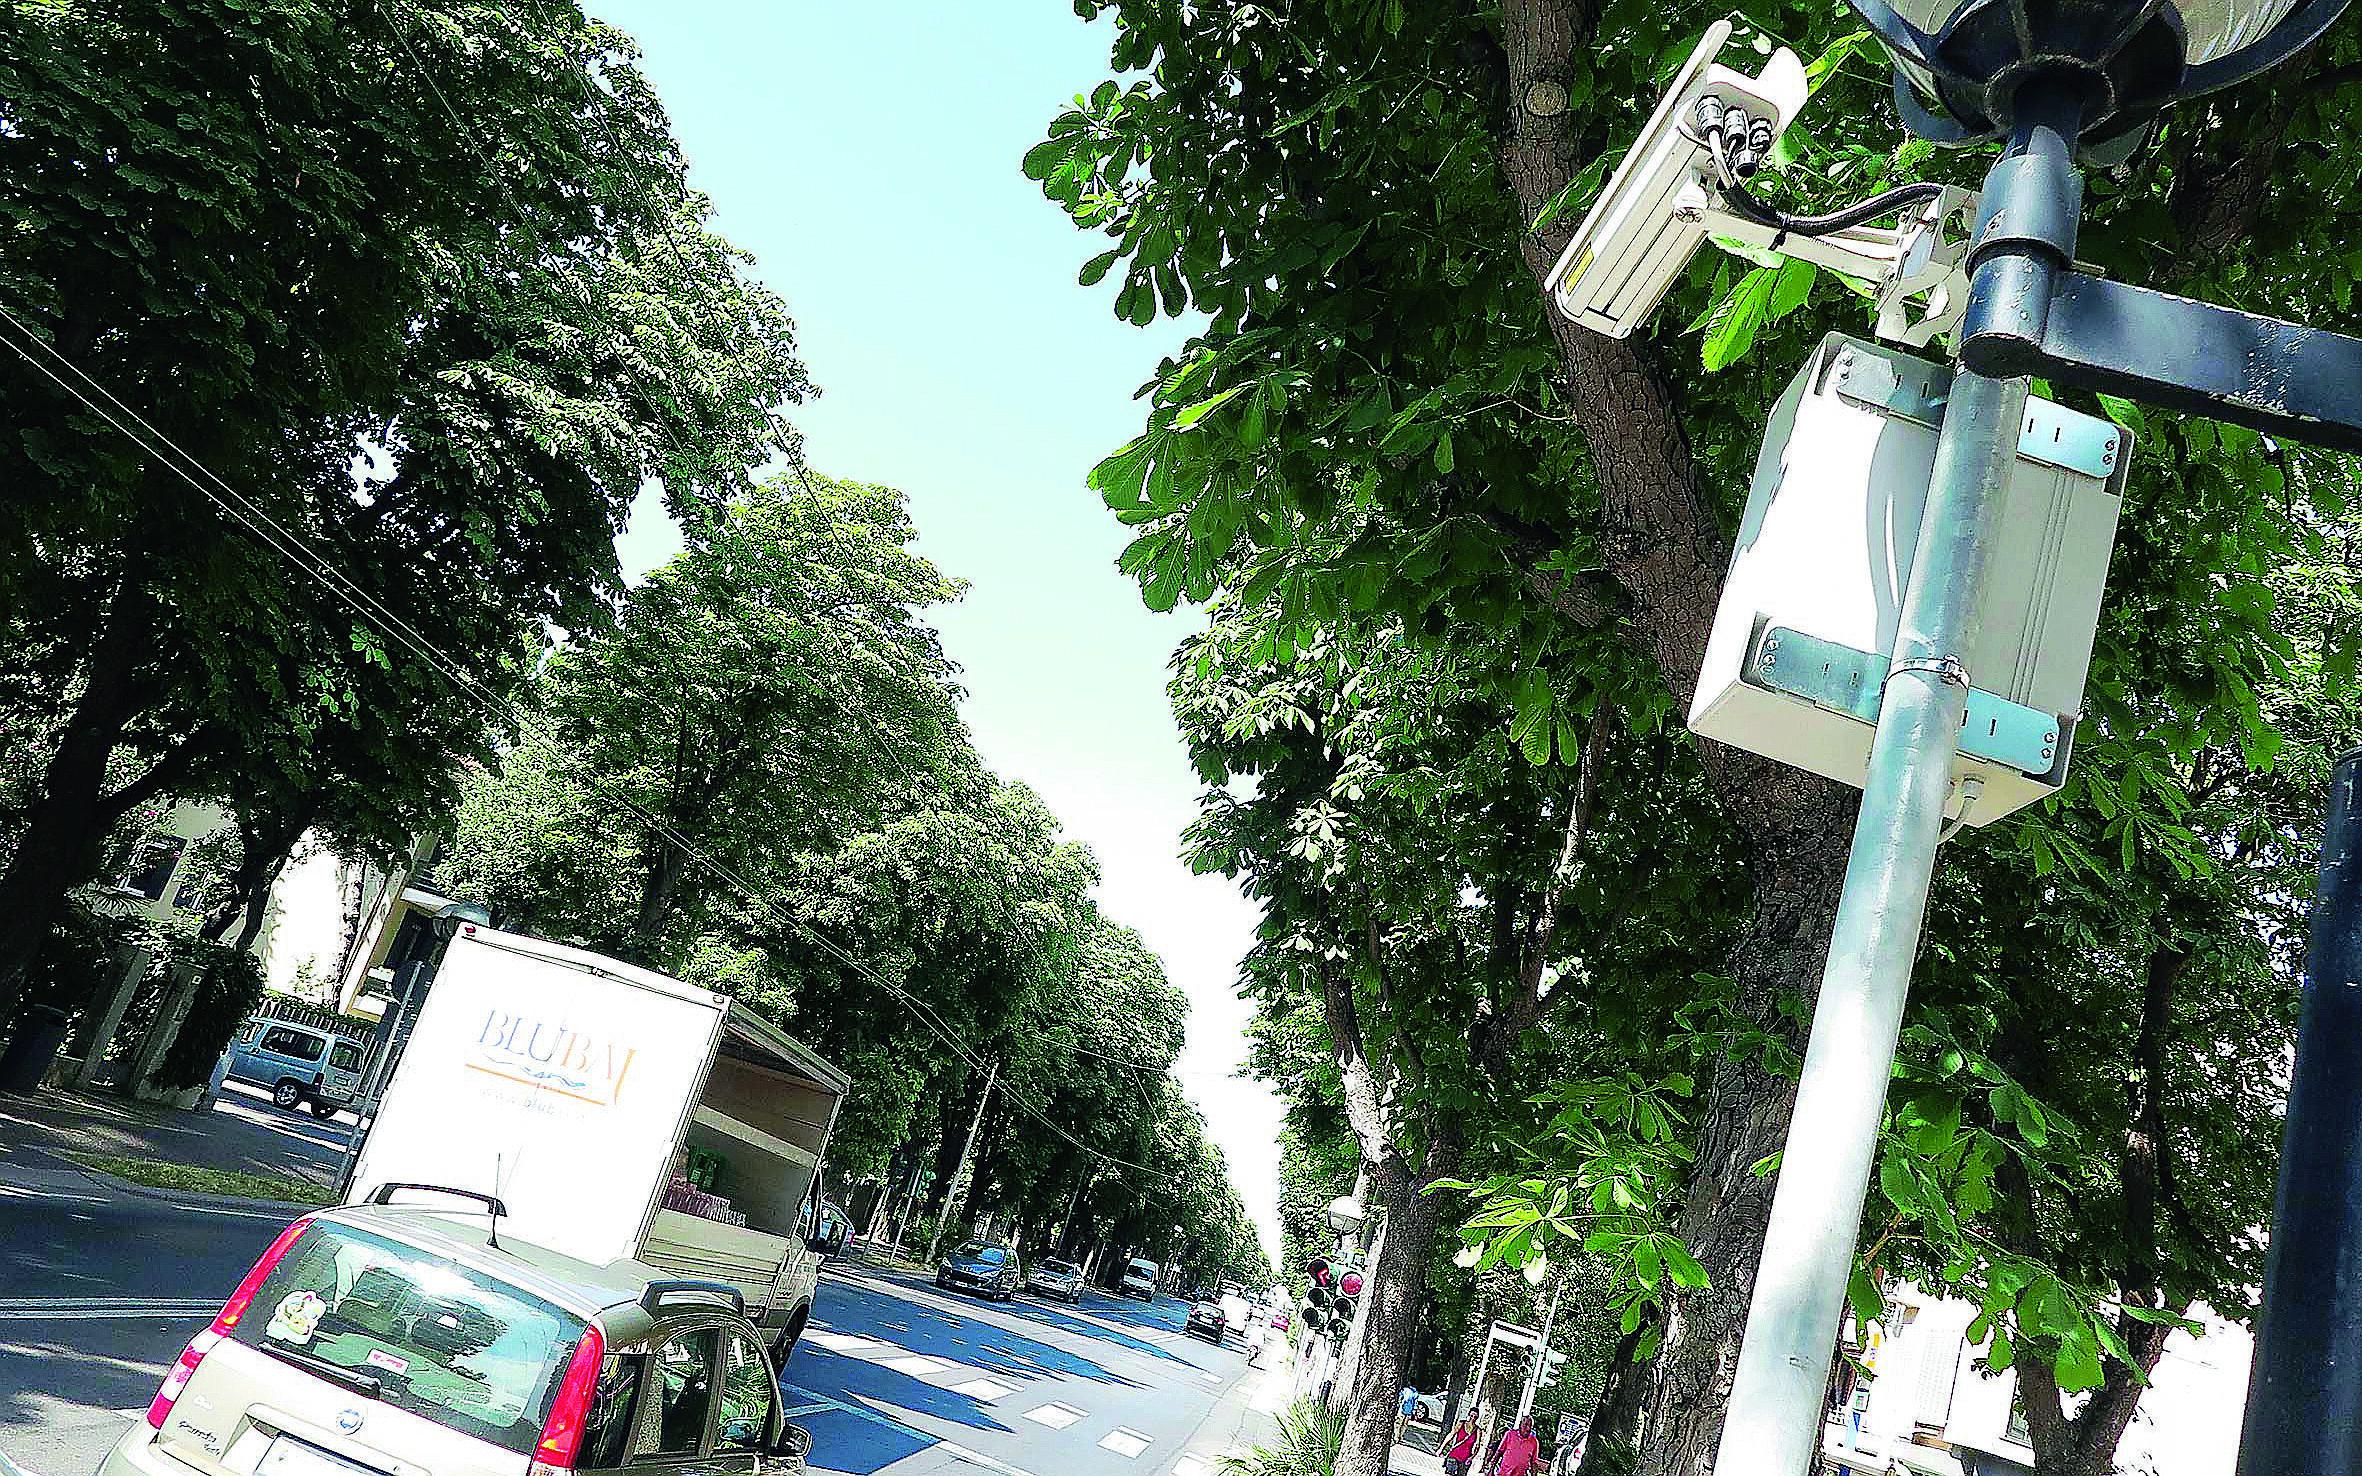 Infrazioni al semaforo in calo a Rimini, ma restano più di 10 al giorno